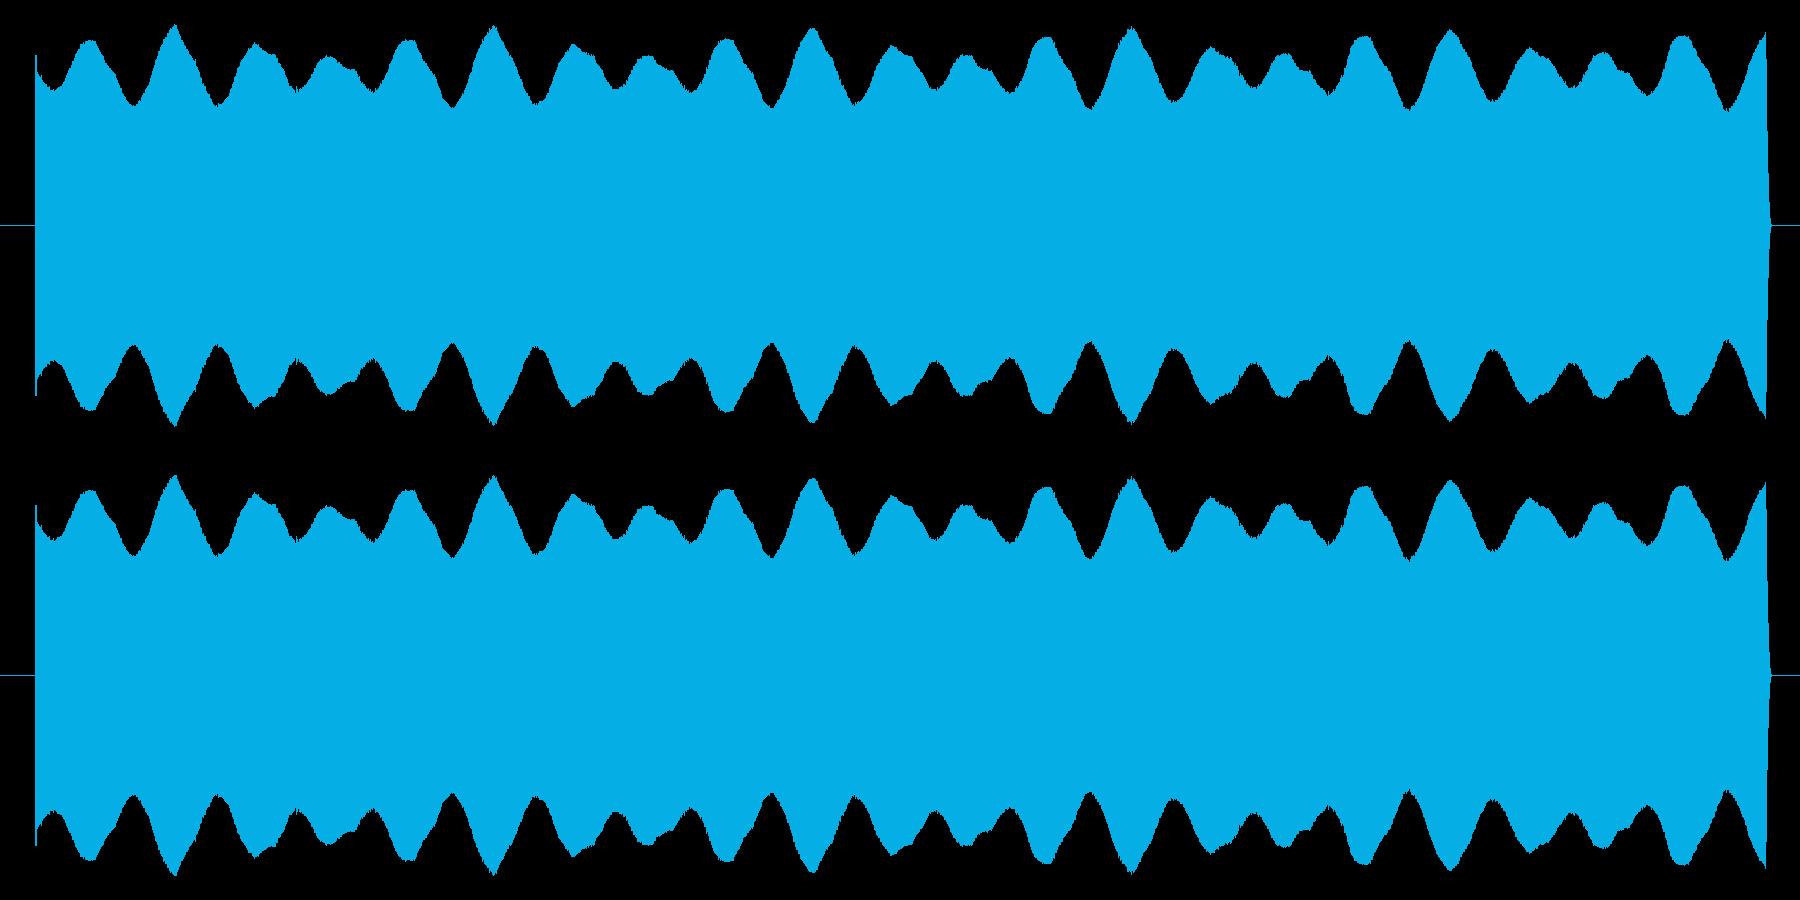 アーケード シューティング01-4(LFの再生済みの波形